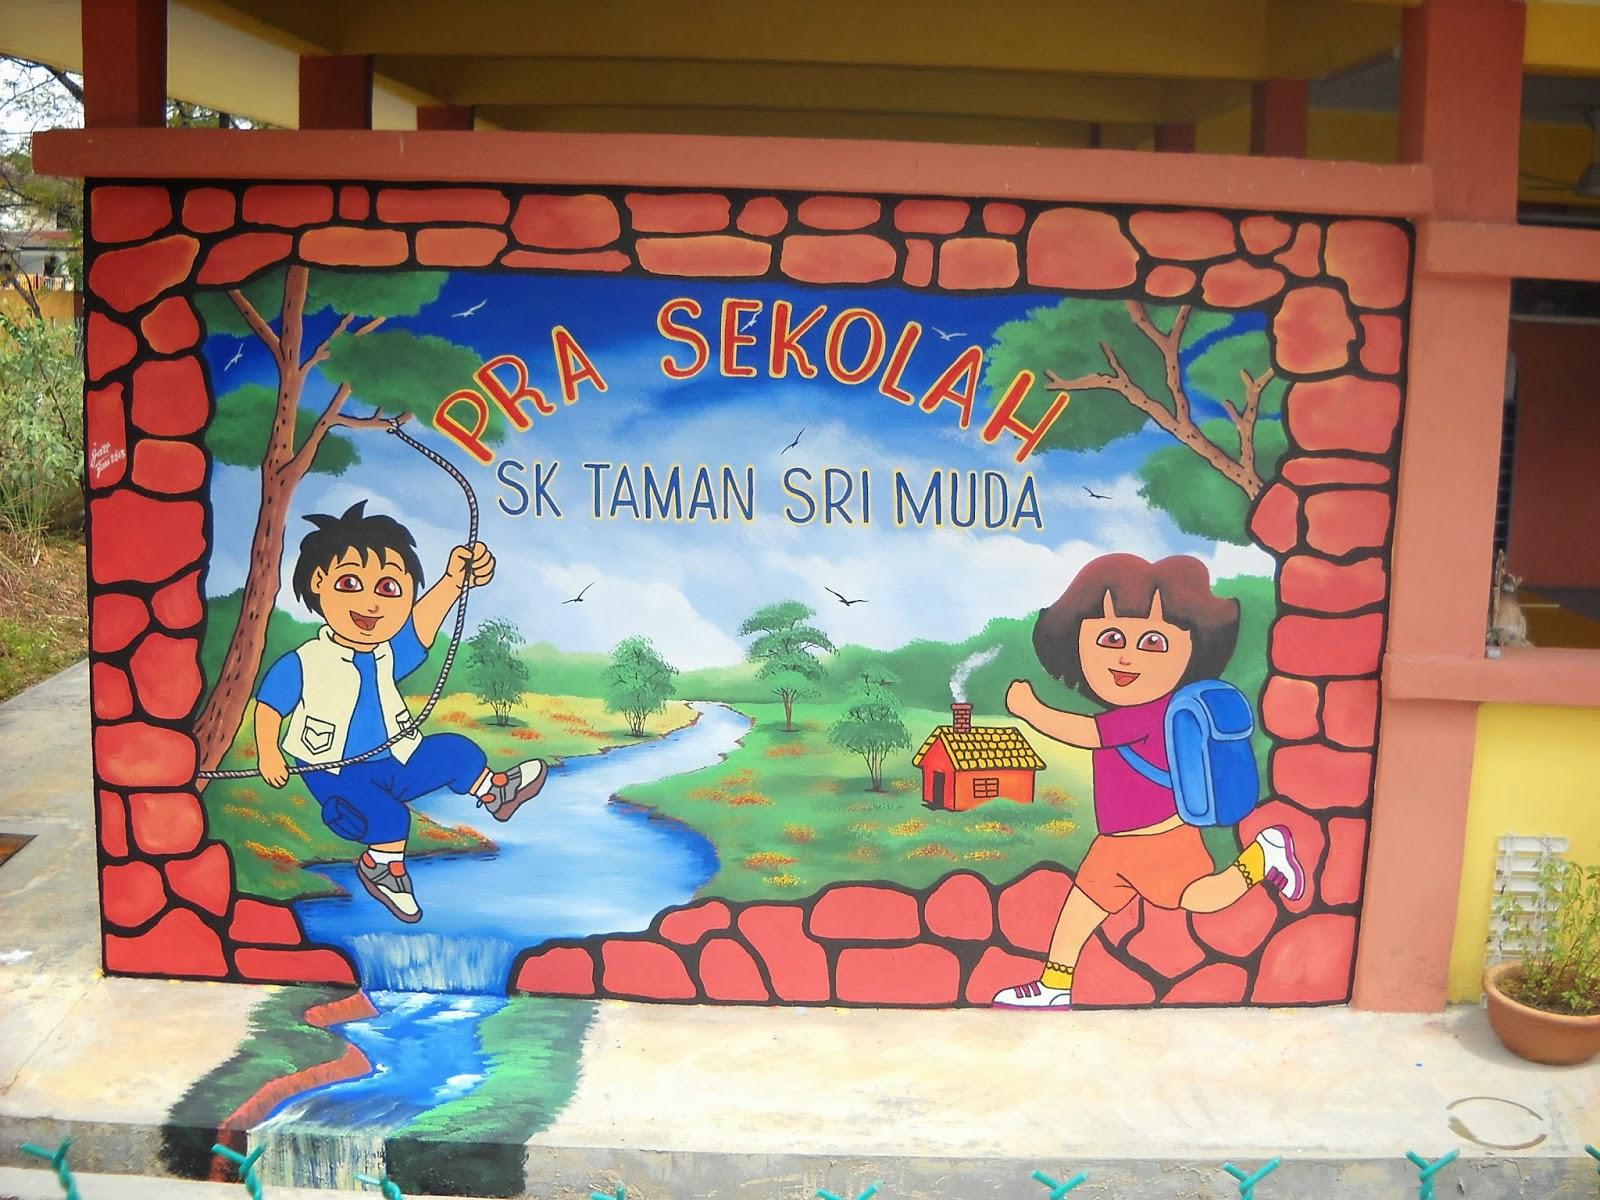 Pelukis mural shah alam sekolah keb ttdi jaya for Mural sekolah rendah